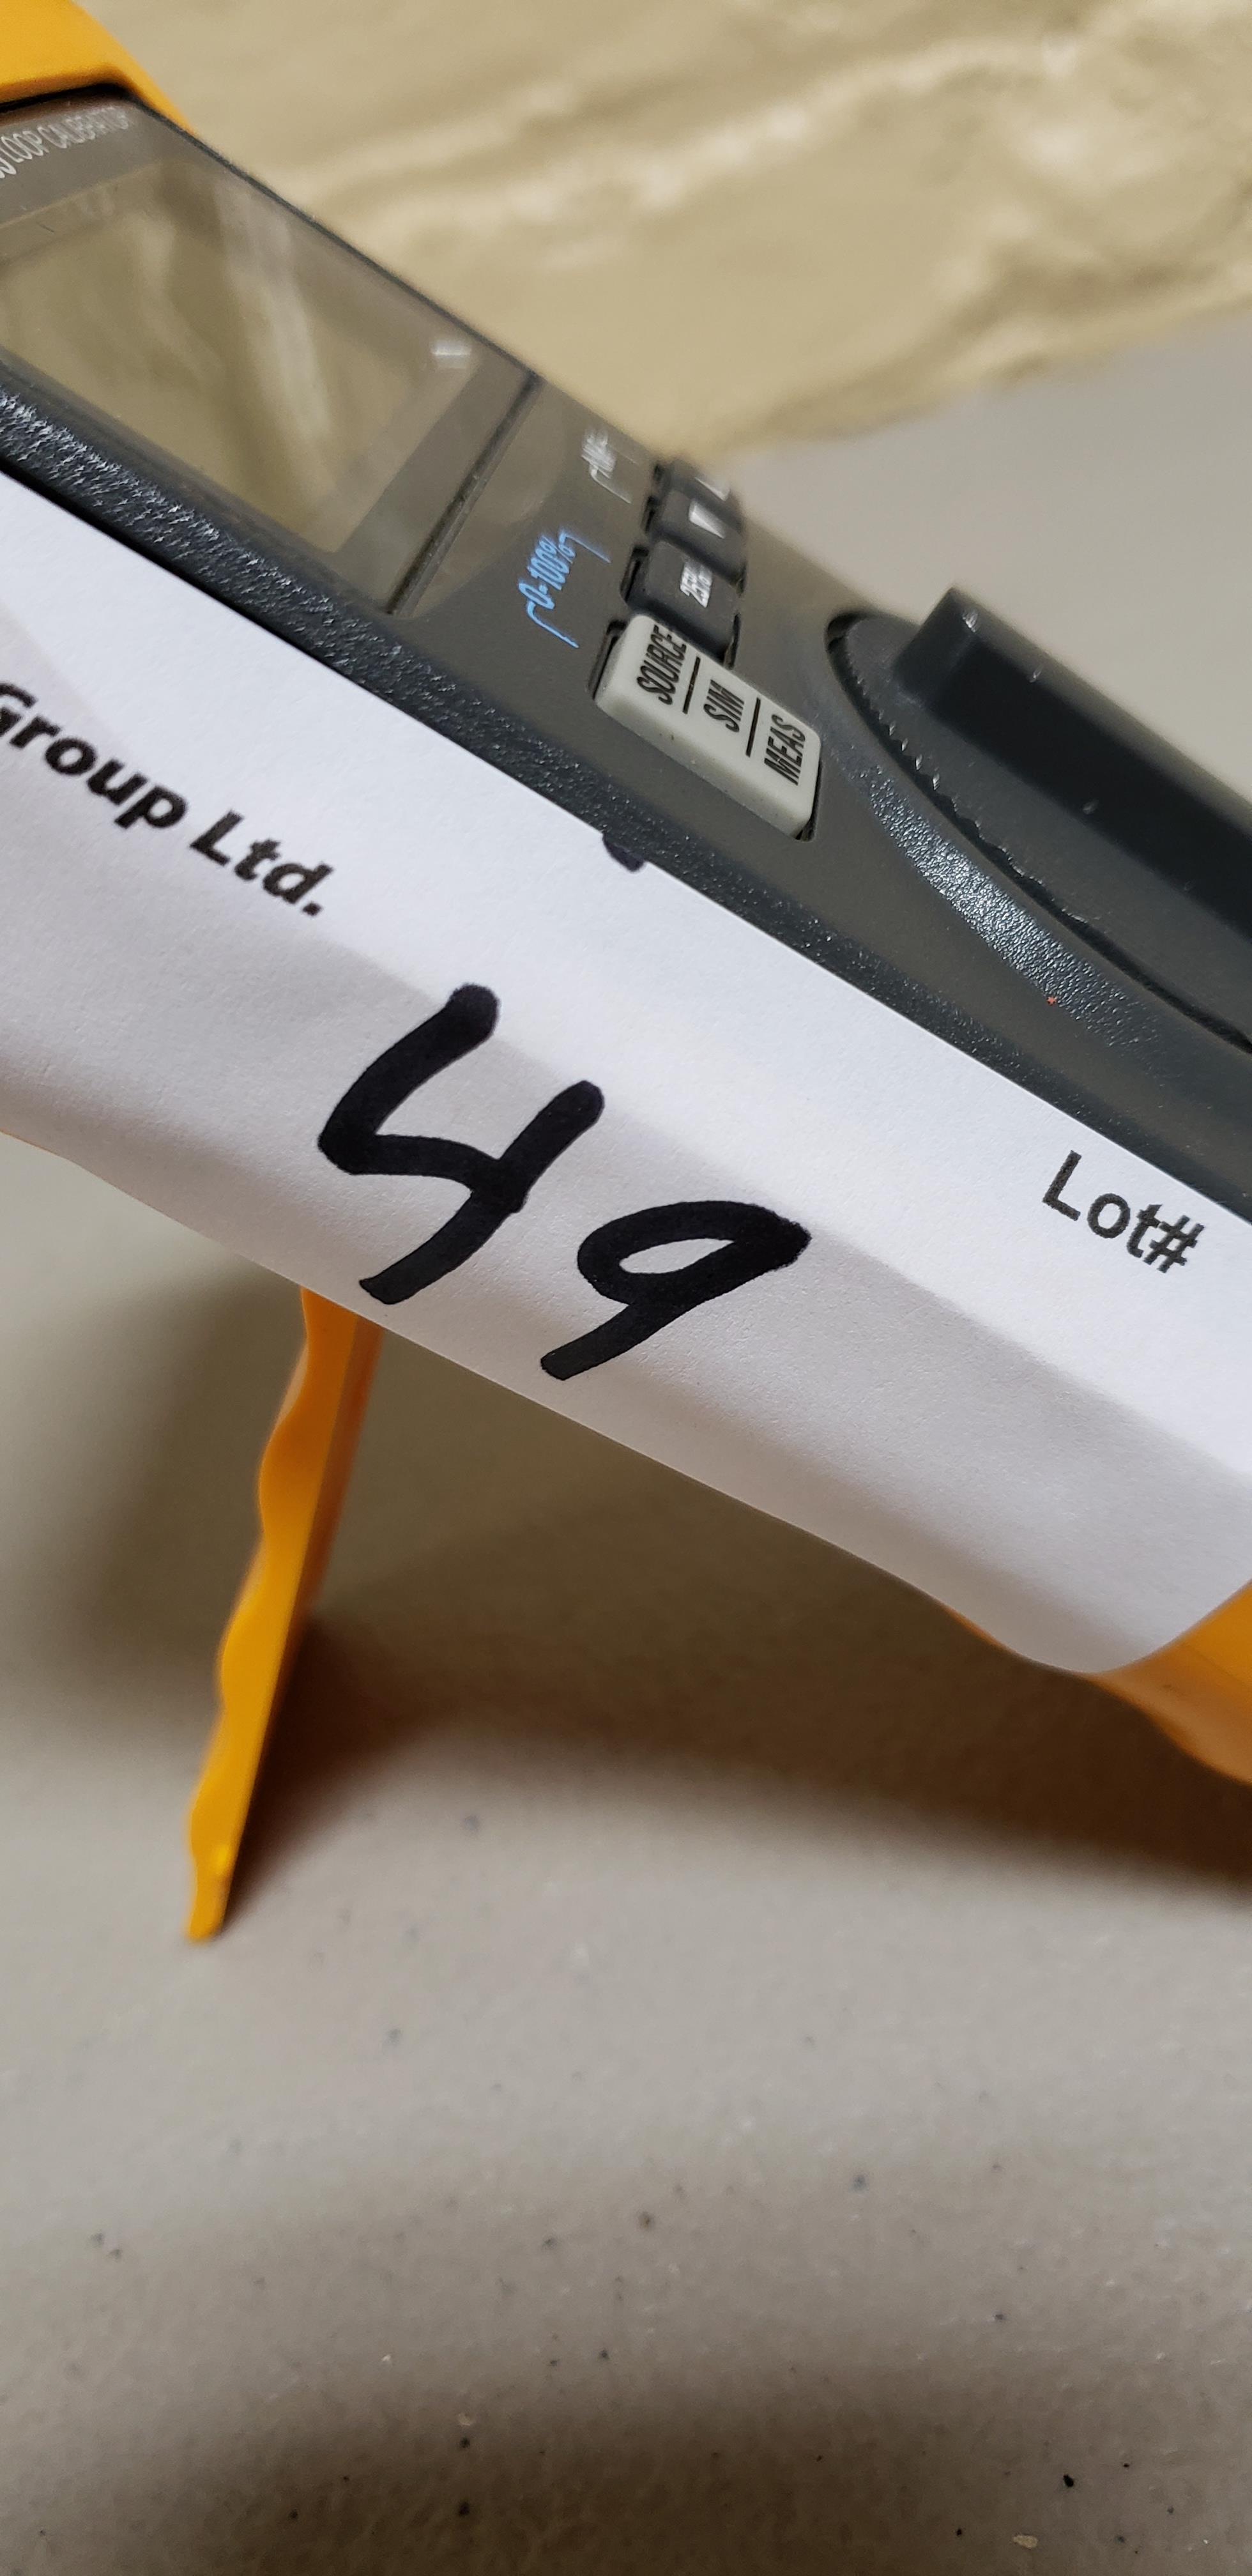 Lot 49 - Fluke 709 Precision Loop Calibrator